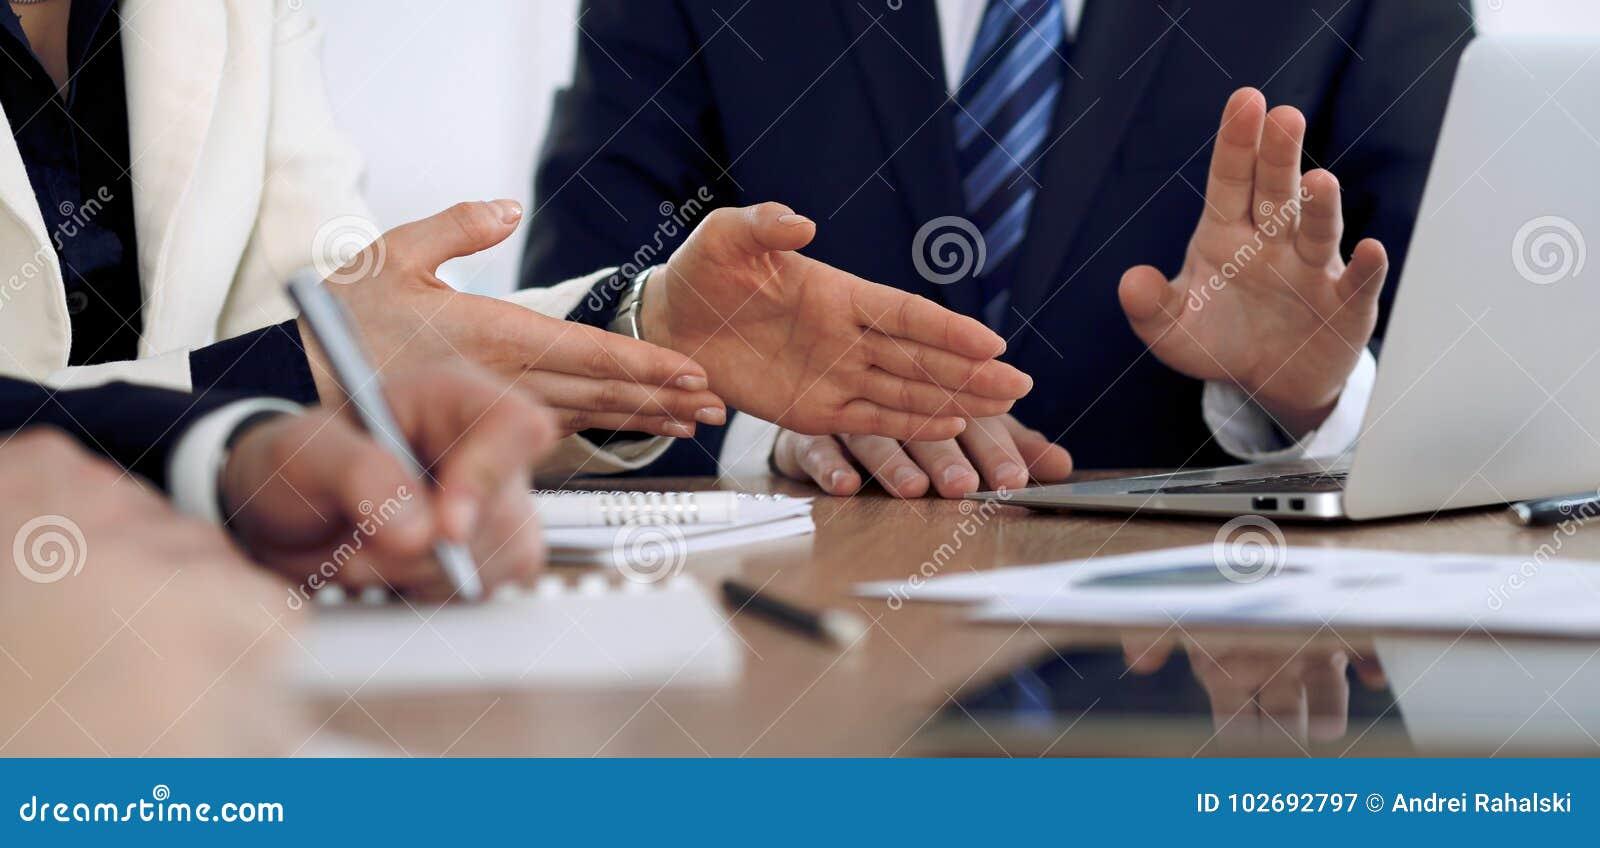 Groep bedrijfsmensen of advocaten op vergadering, handenclose-up